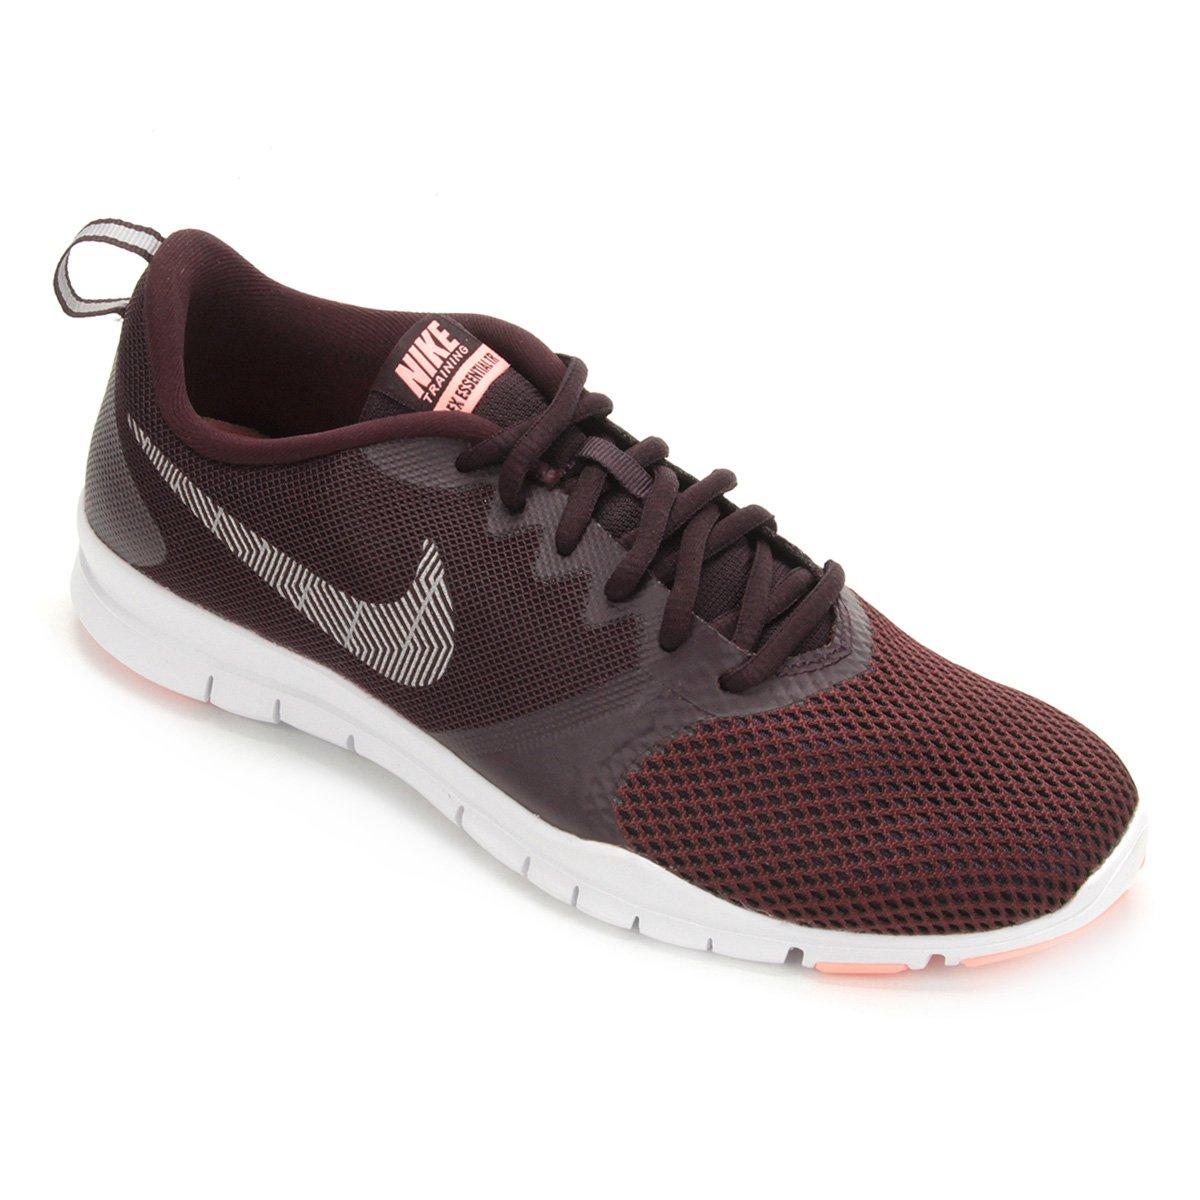 3a232b54da3a9 Tênis Nike Flex Essential TR Feminino - Vinho - Compre Agora